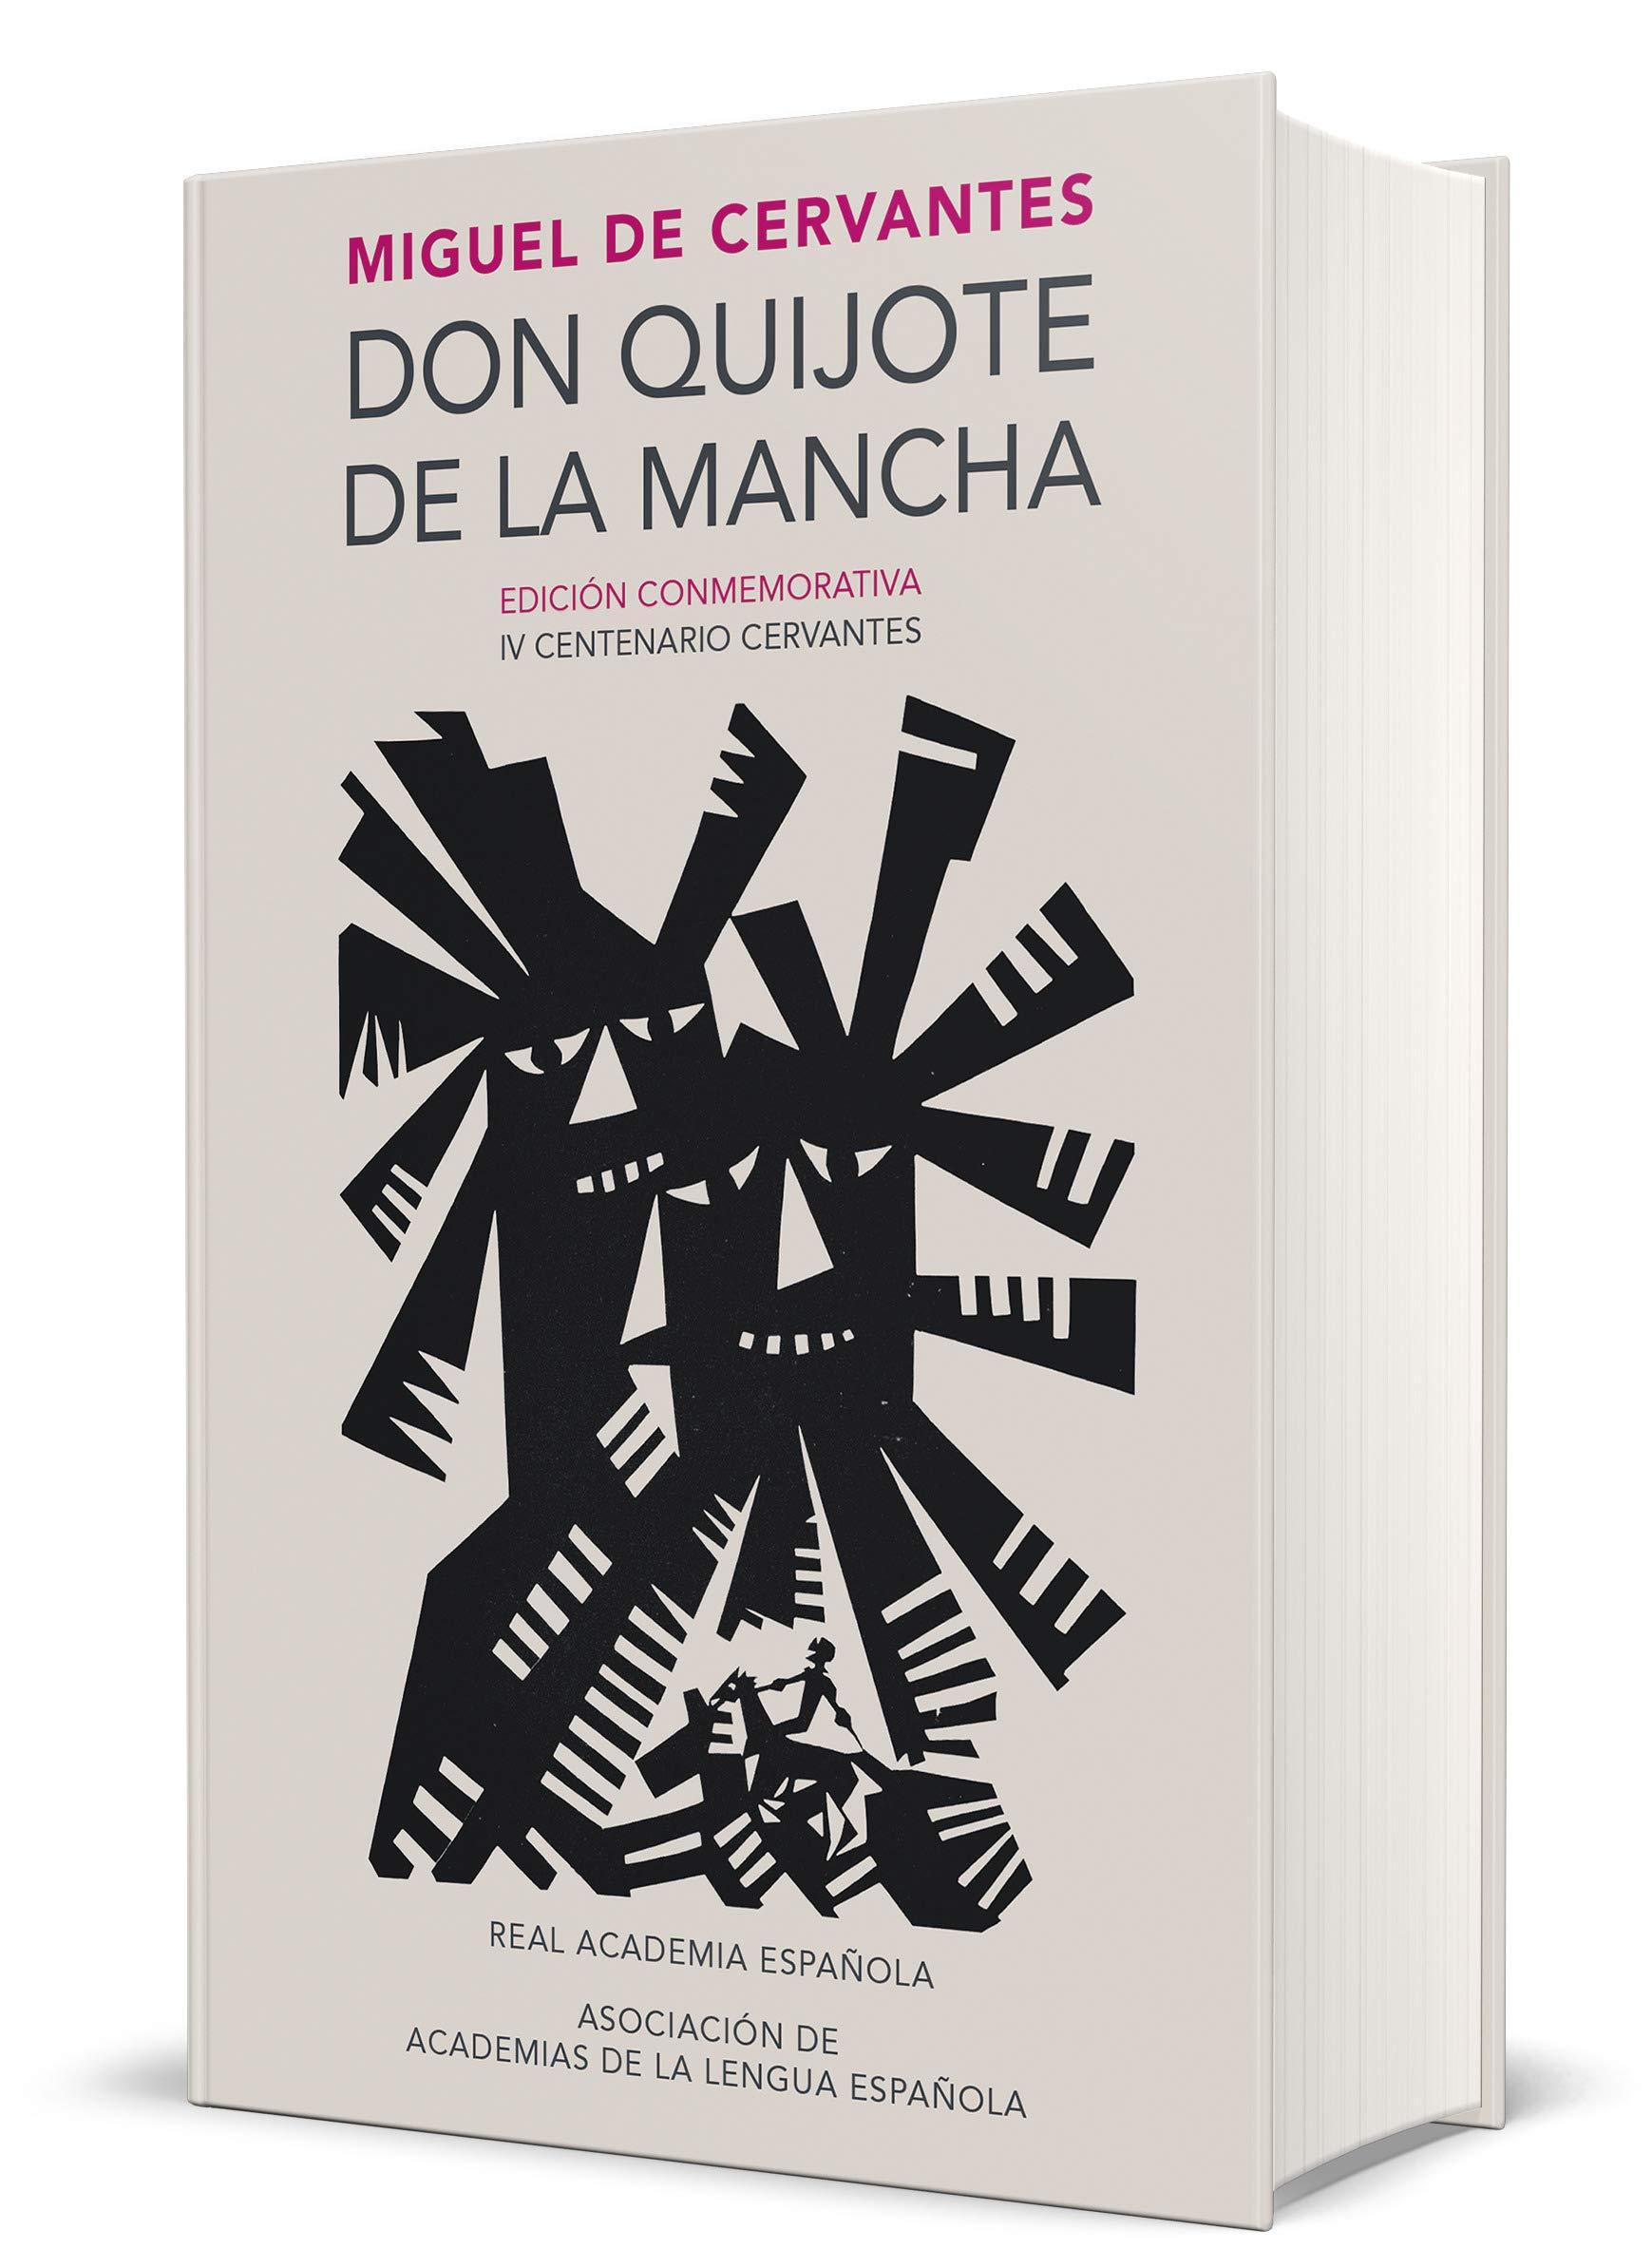 Don quijote de la mancha Cervantes